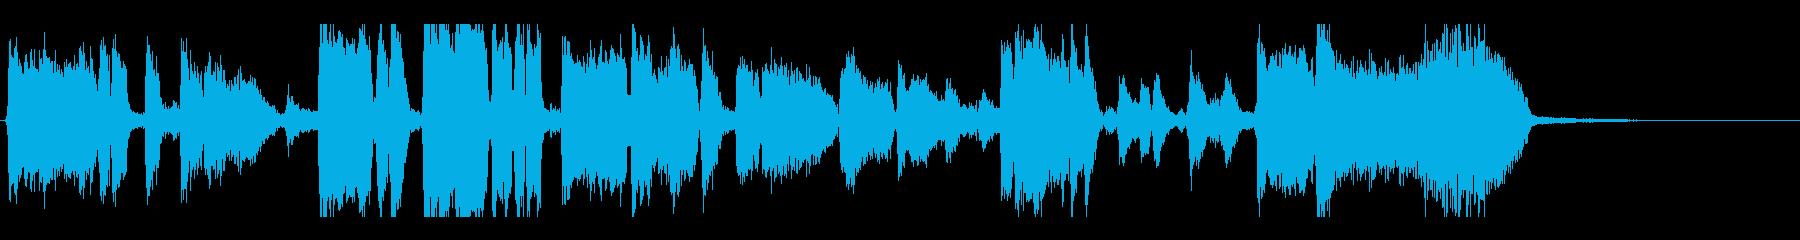 ジャズビッグバンドジングル30秒の再生済みの波形